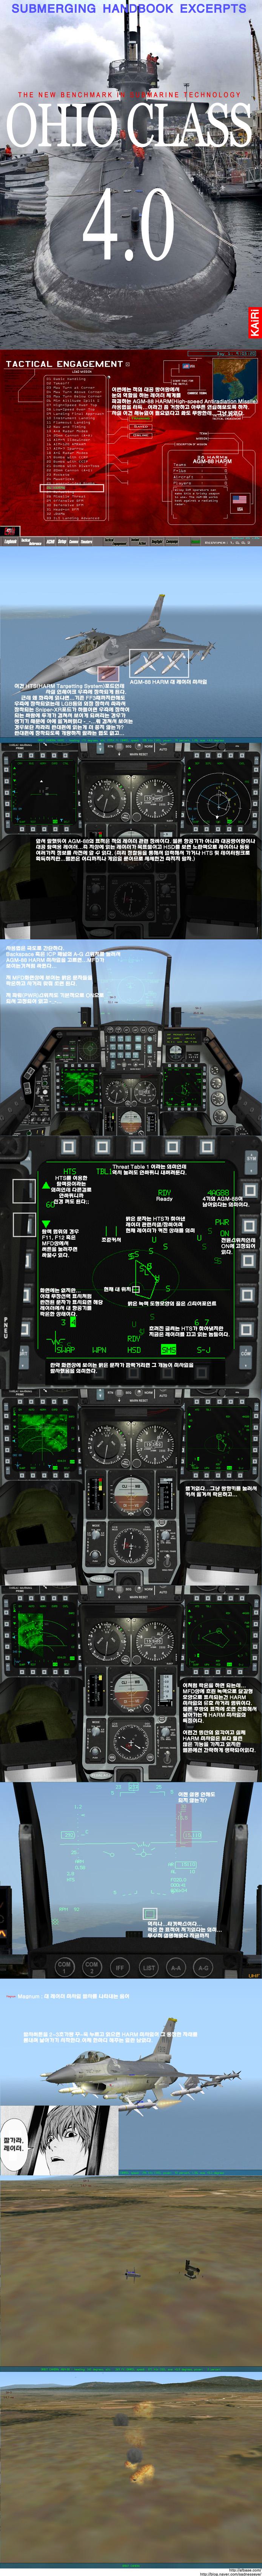 manual_19_harm.jpg